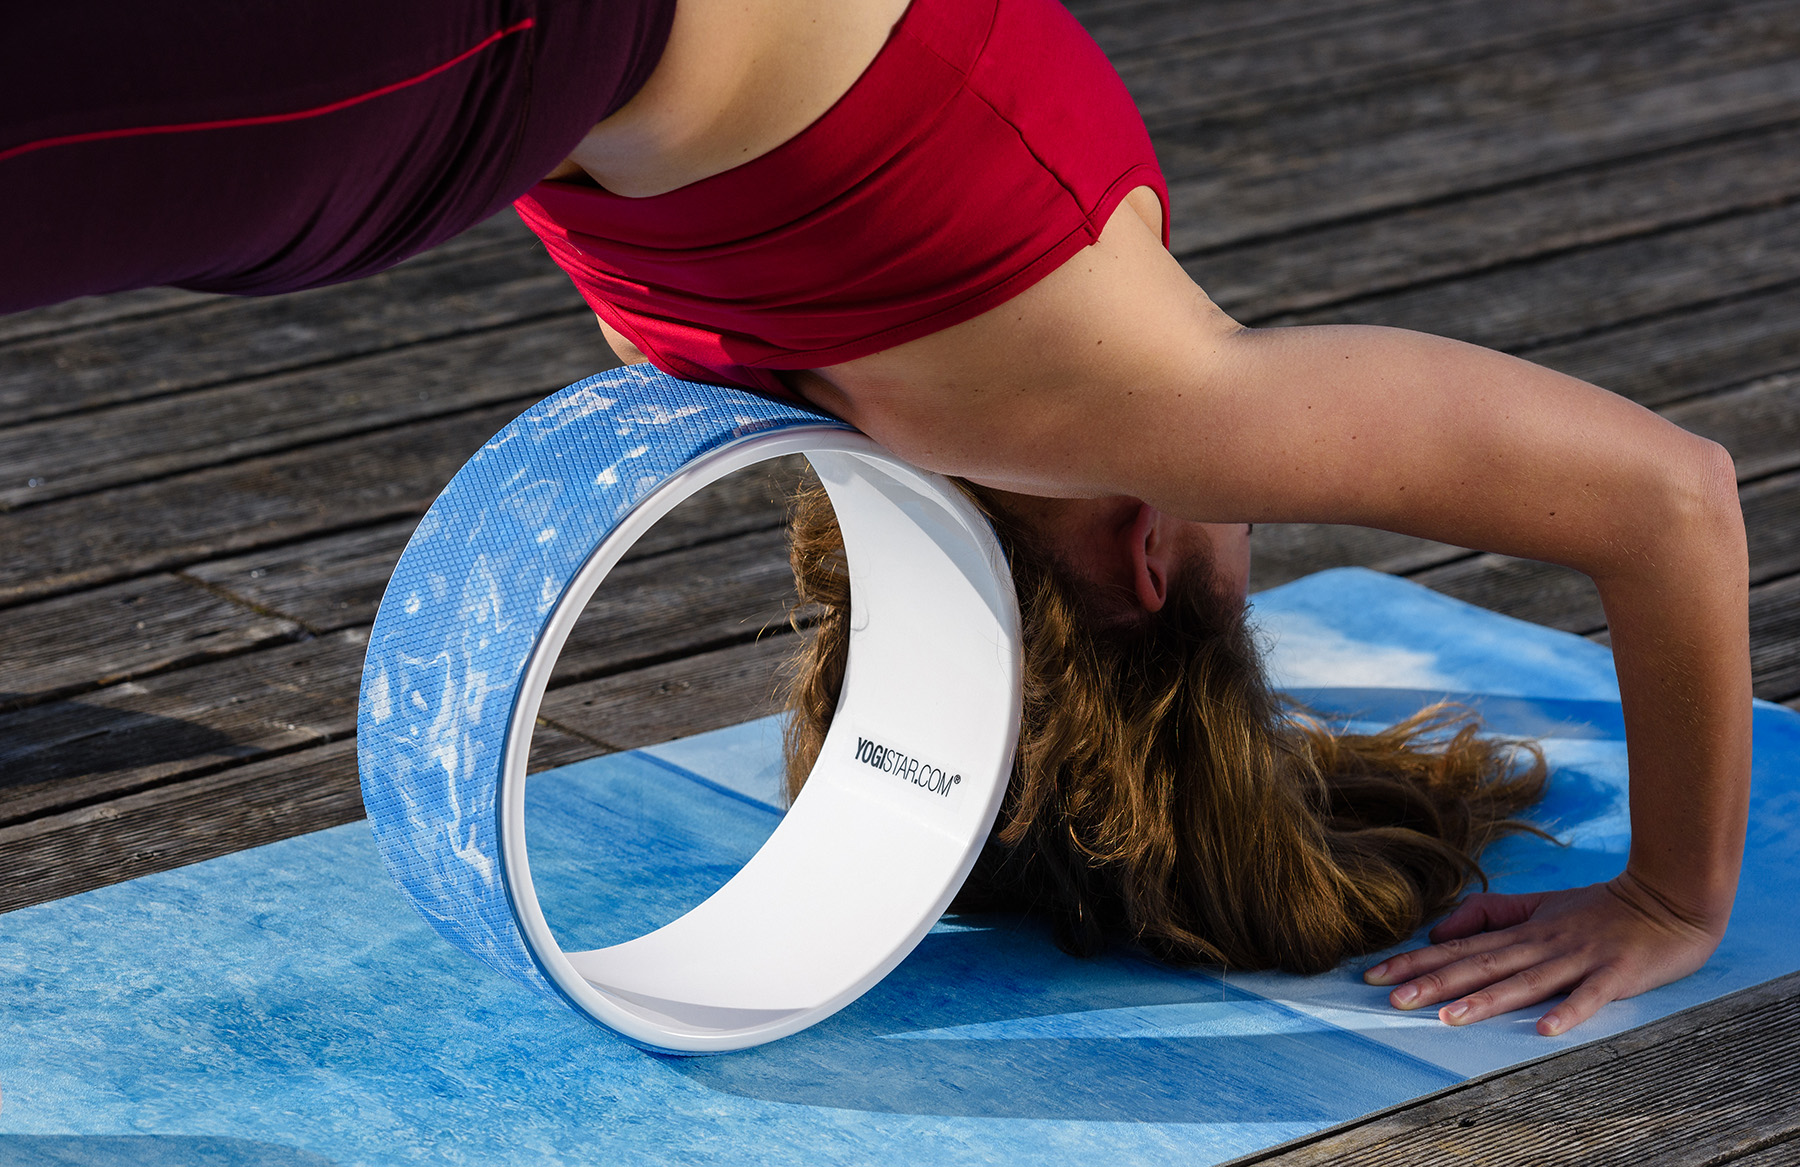 Yogarad yogiwheel®